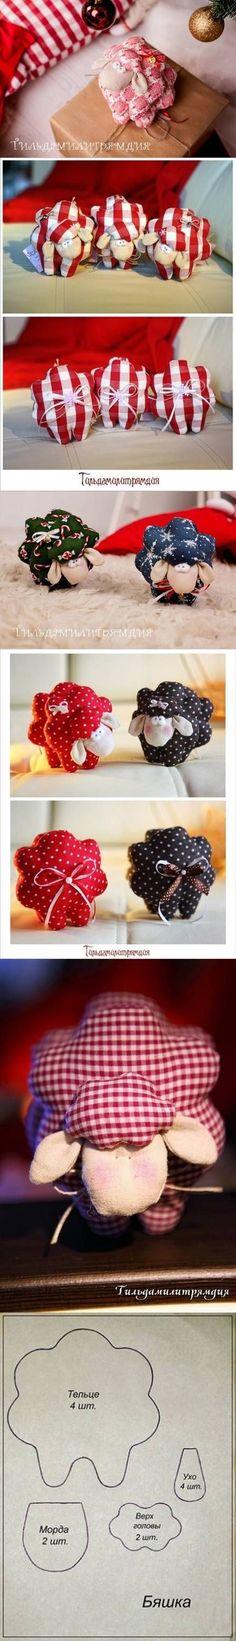 DIY Cute Fabric Lamb